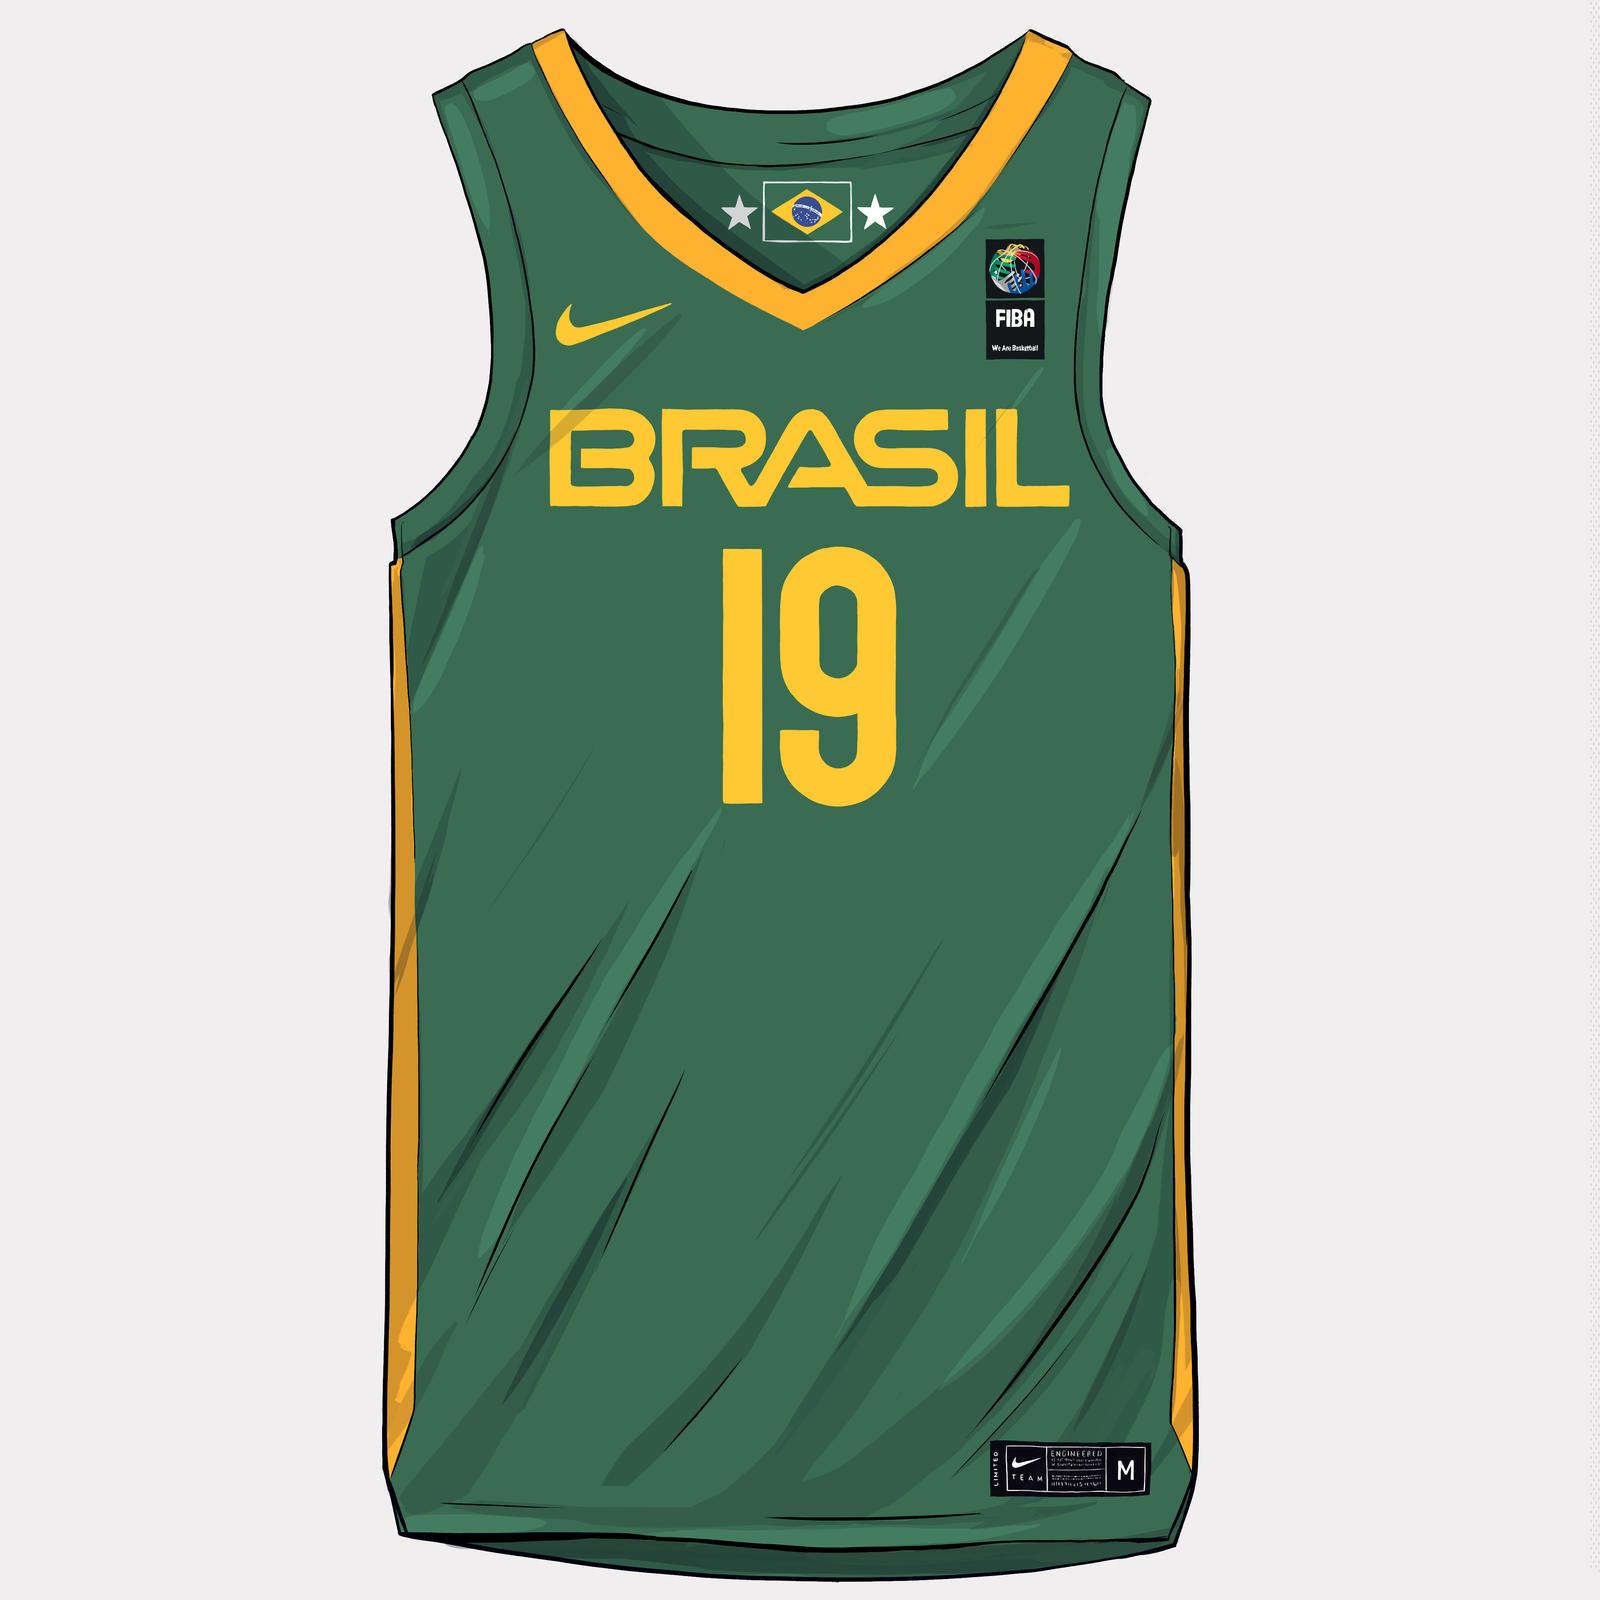 nike-news-brasil-national-team-kit-2019-illustration-1x1_1_square_1600.jpg